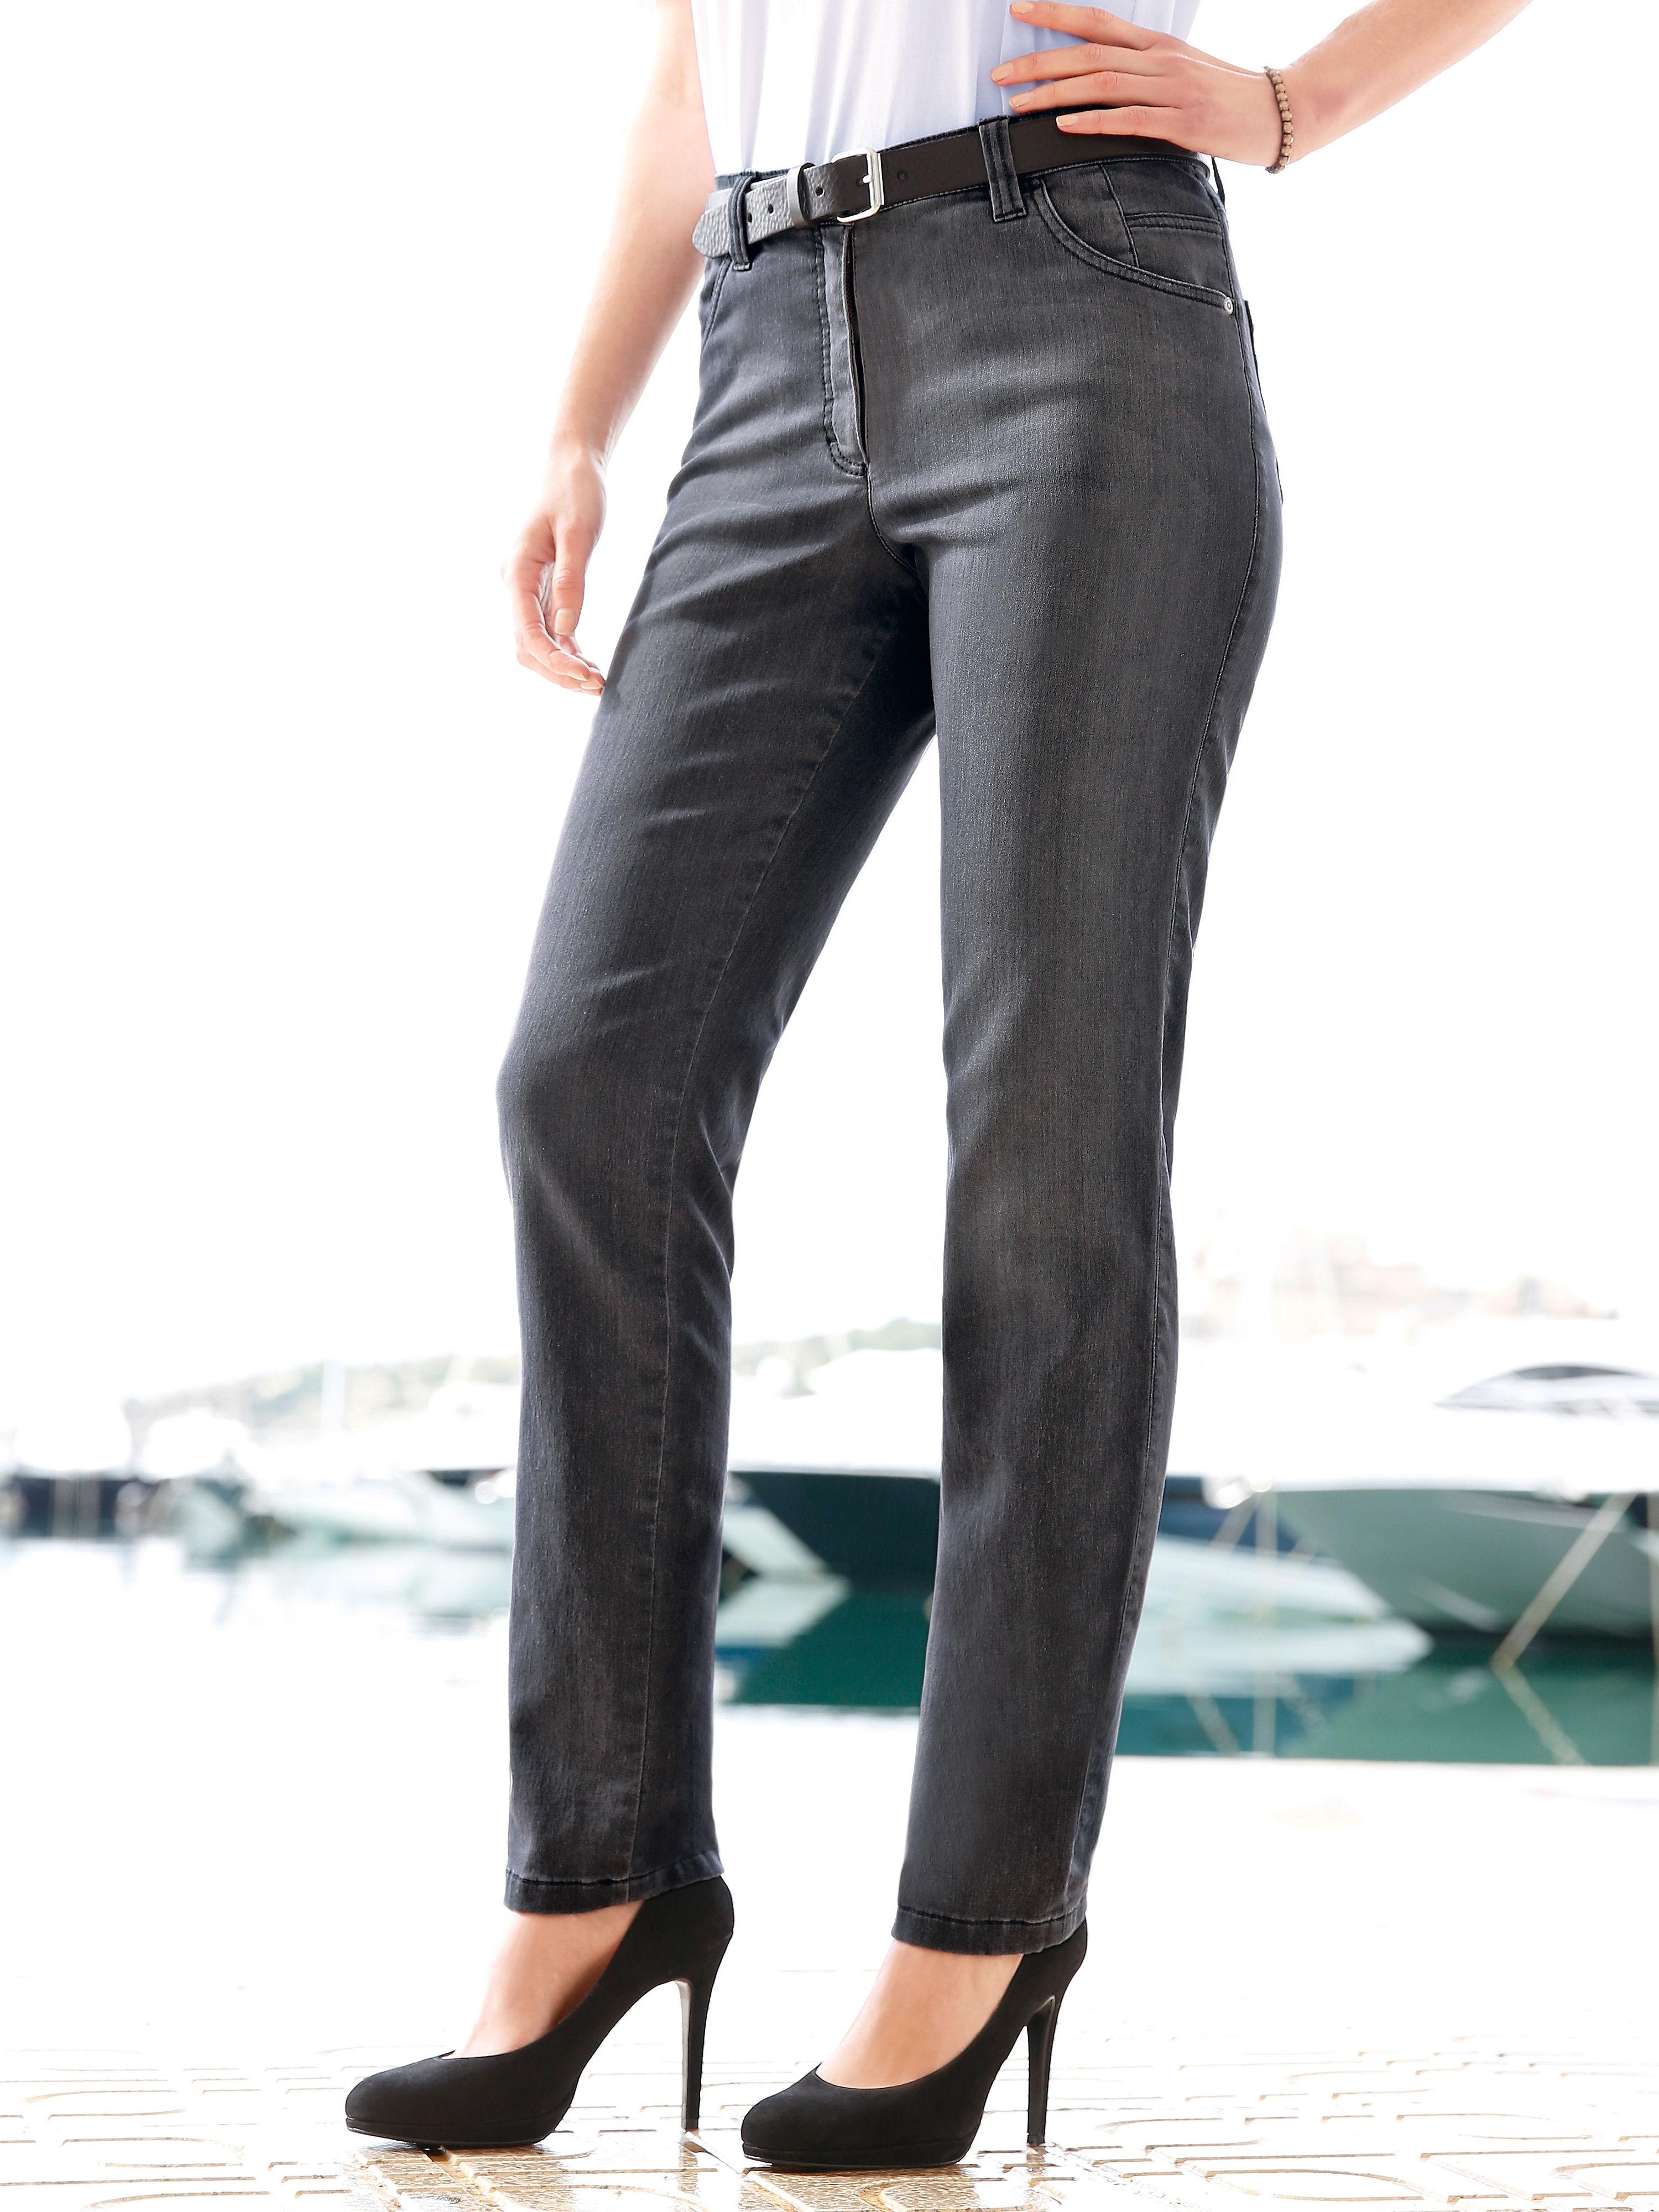 Enkellange jerseyjeans van kjbrand: supercomfortabel, zeer modieus. de jeans innovatie van kjbrand: zachte, ...